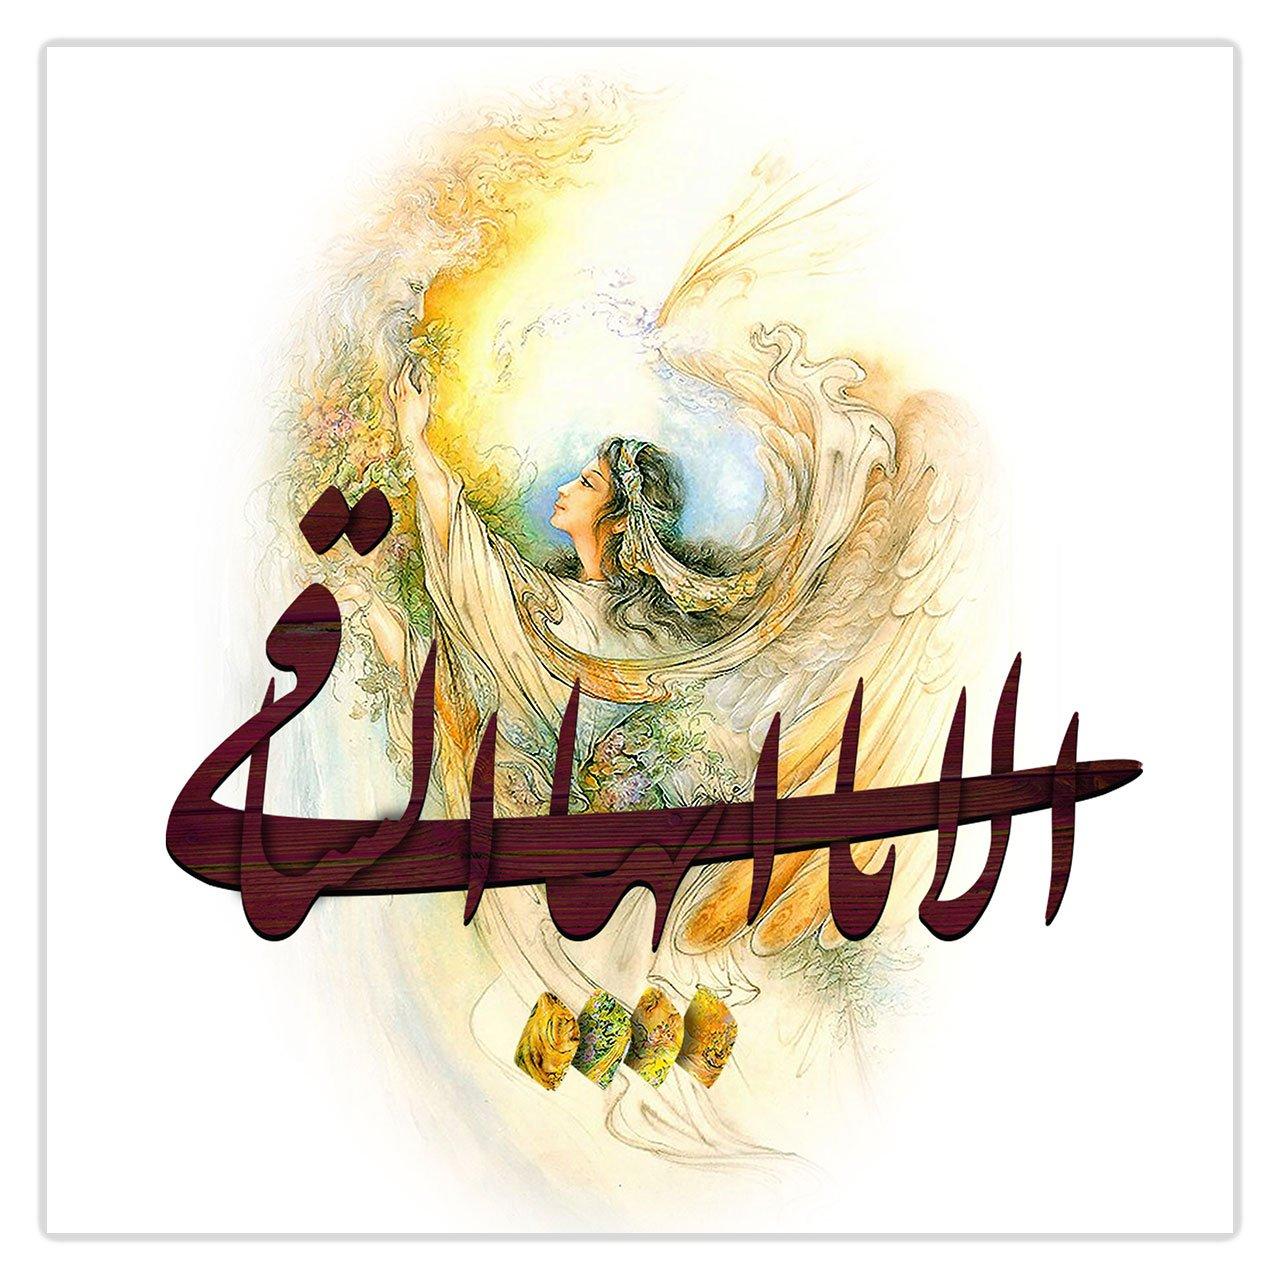 حافظ - حافظ شیرازی